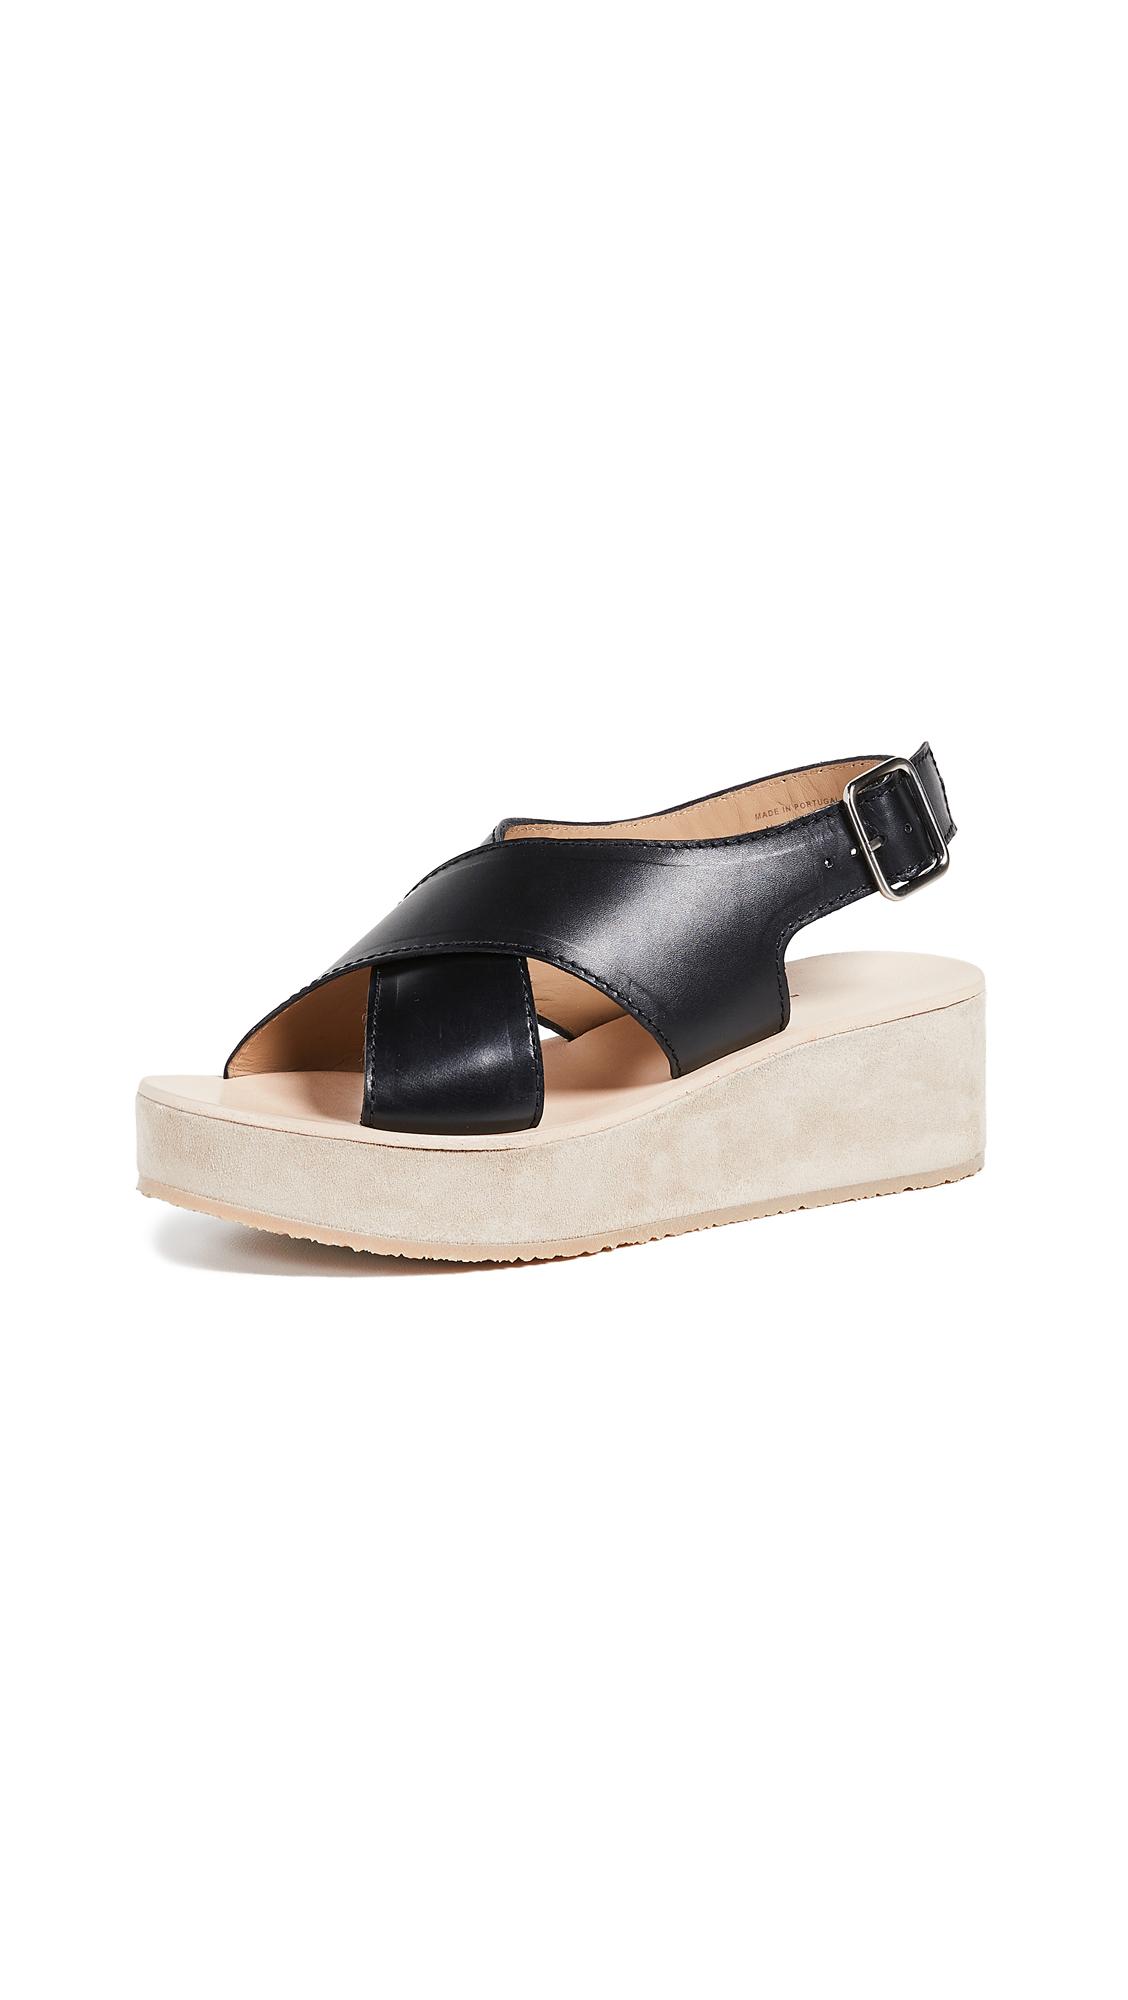 A.P.C. Mae Sandals - Lzz Noir